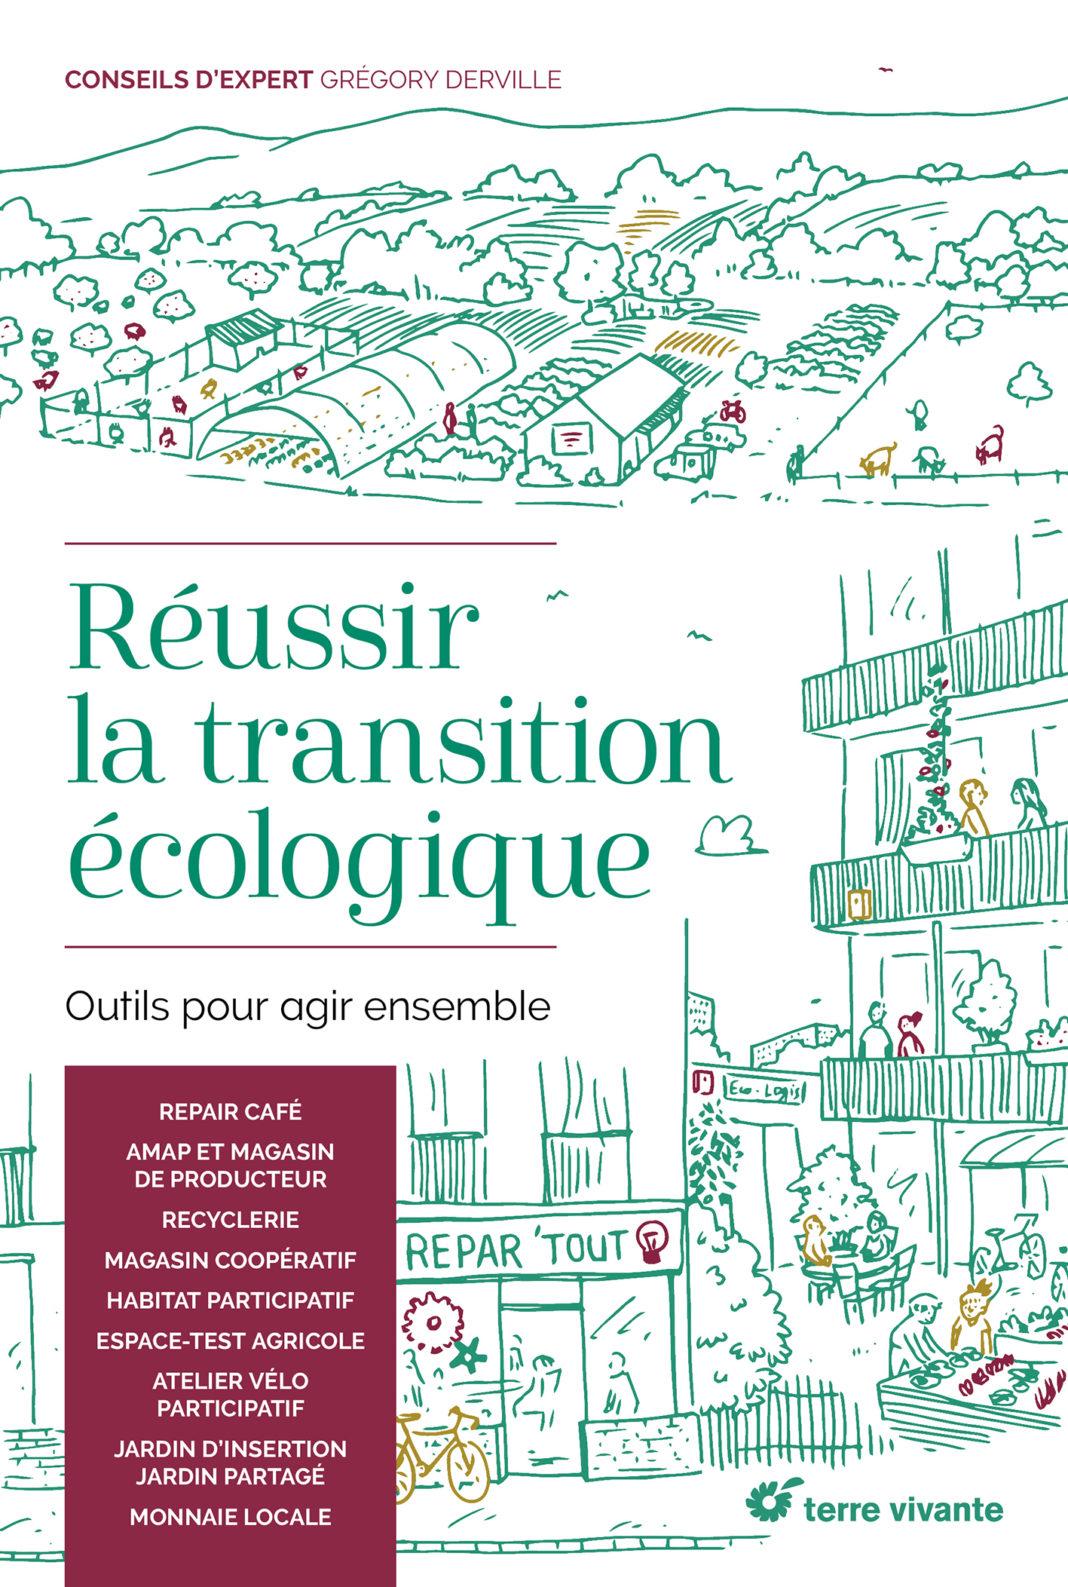 Reussir la transition écologique